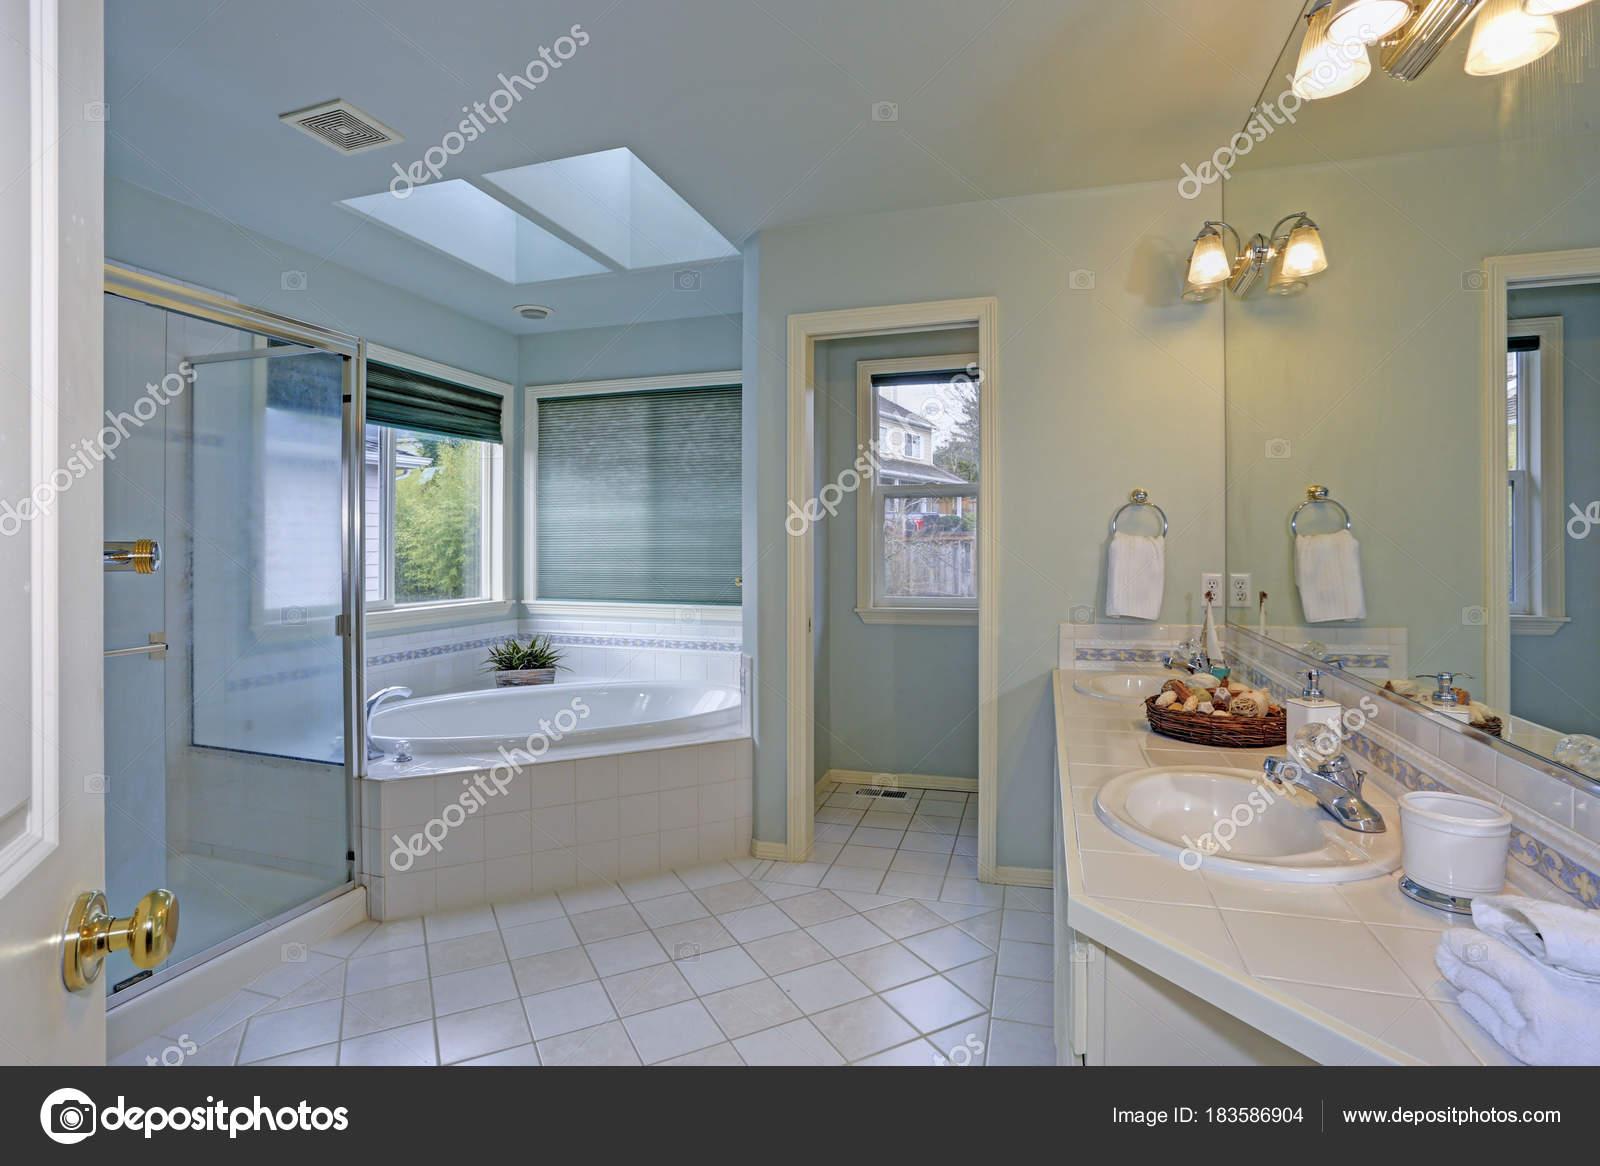 Lapeyre Salle De Bain Vasque ~  L Gante Salle De Bain Avec Puits De Lumi Re Photographie Alabn